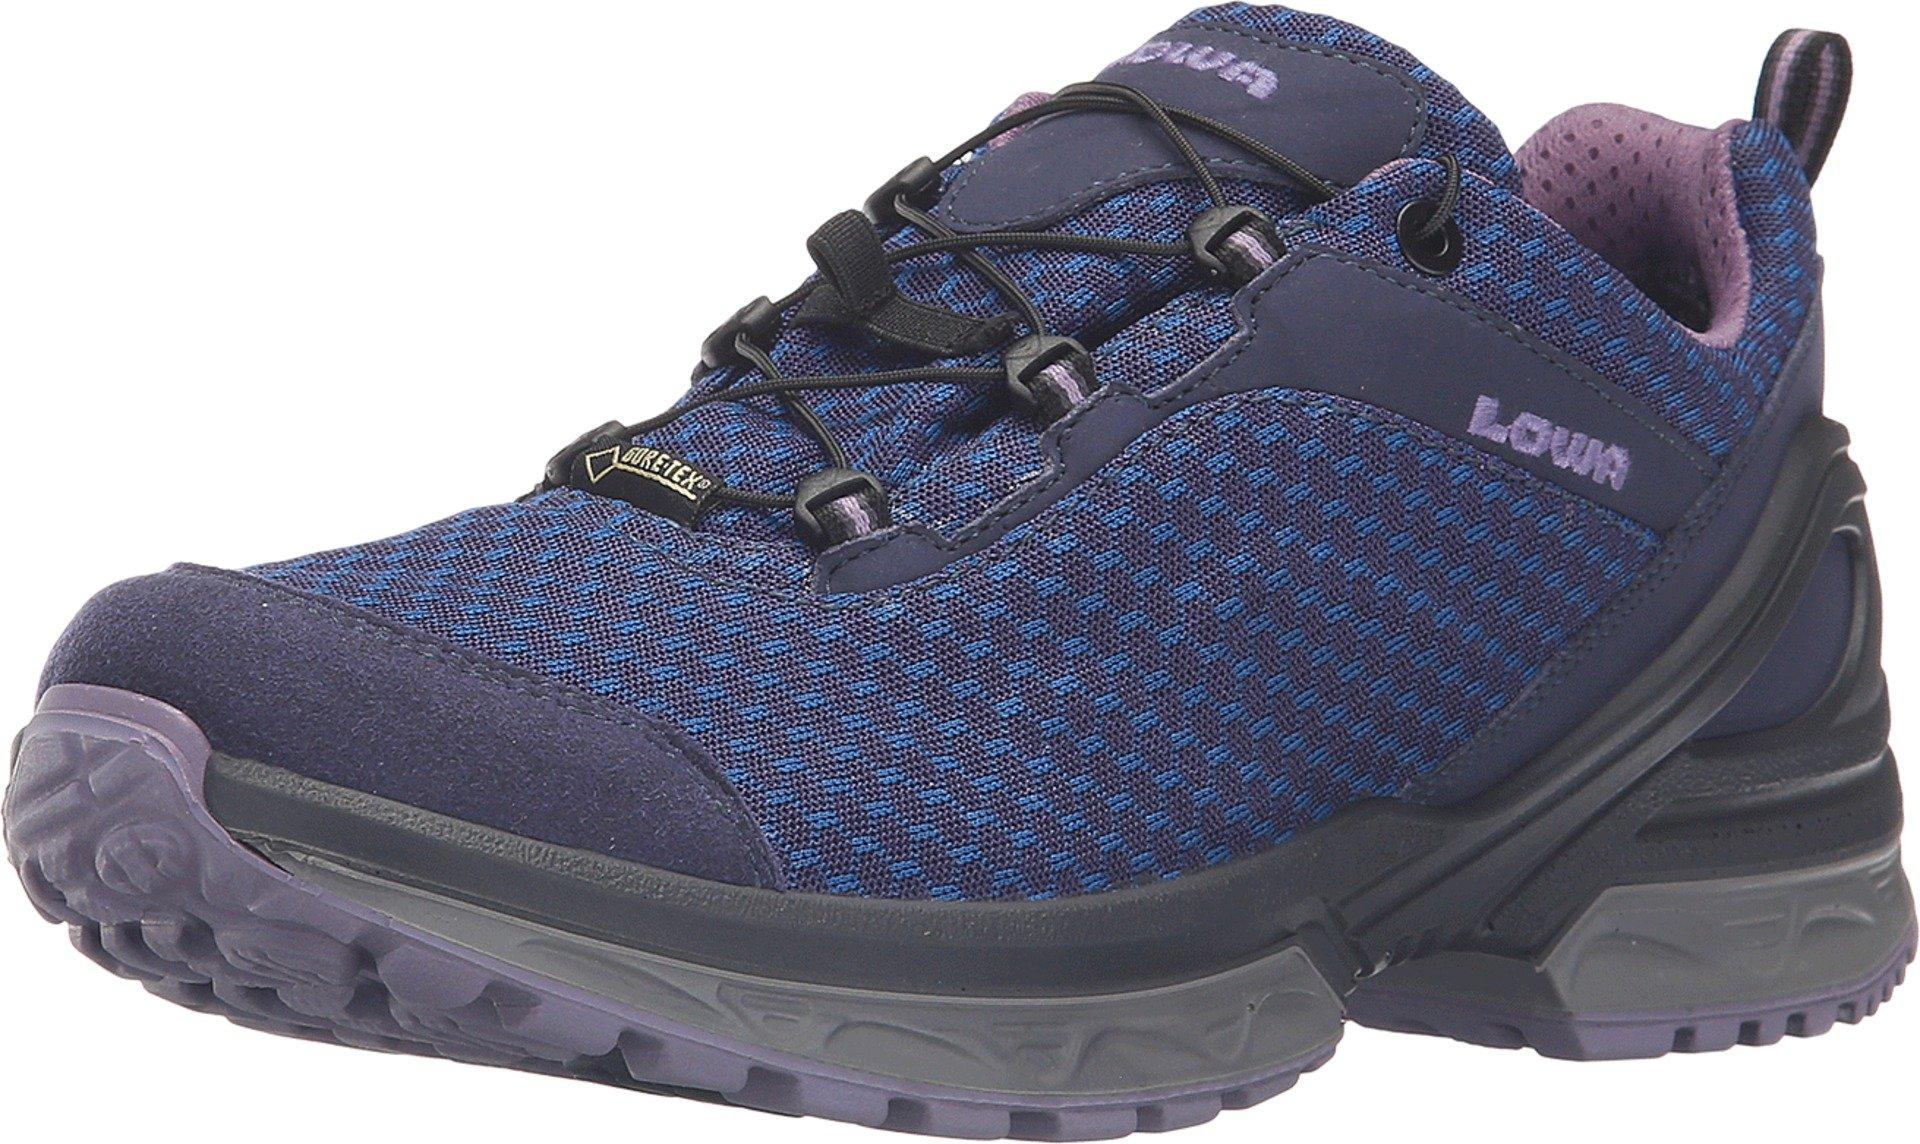 Lowa Women's Onyx GTX Lo Blackberry/Lilac Athletic Shoe